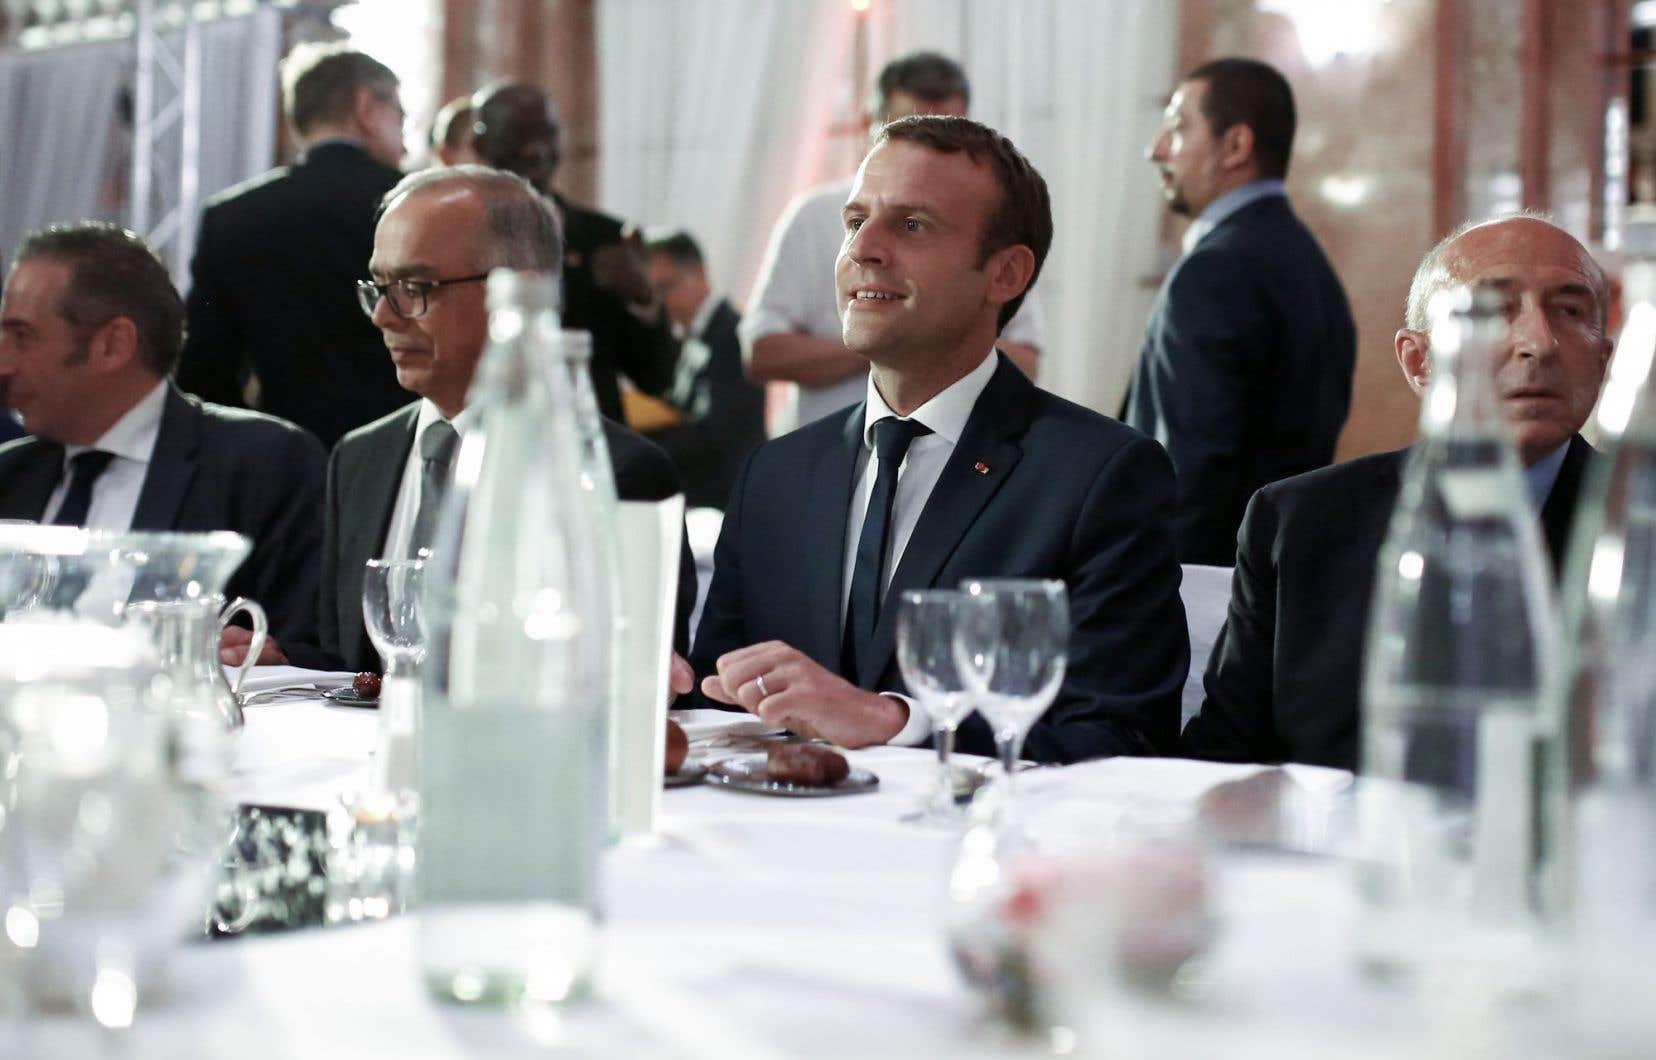 Emmanuel Macron a participé mardi à l'iftar (dîner de rupture du jeune) du Conseil français du culte musulman, une première en dix ans pour un chef de l'État français.